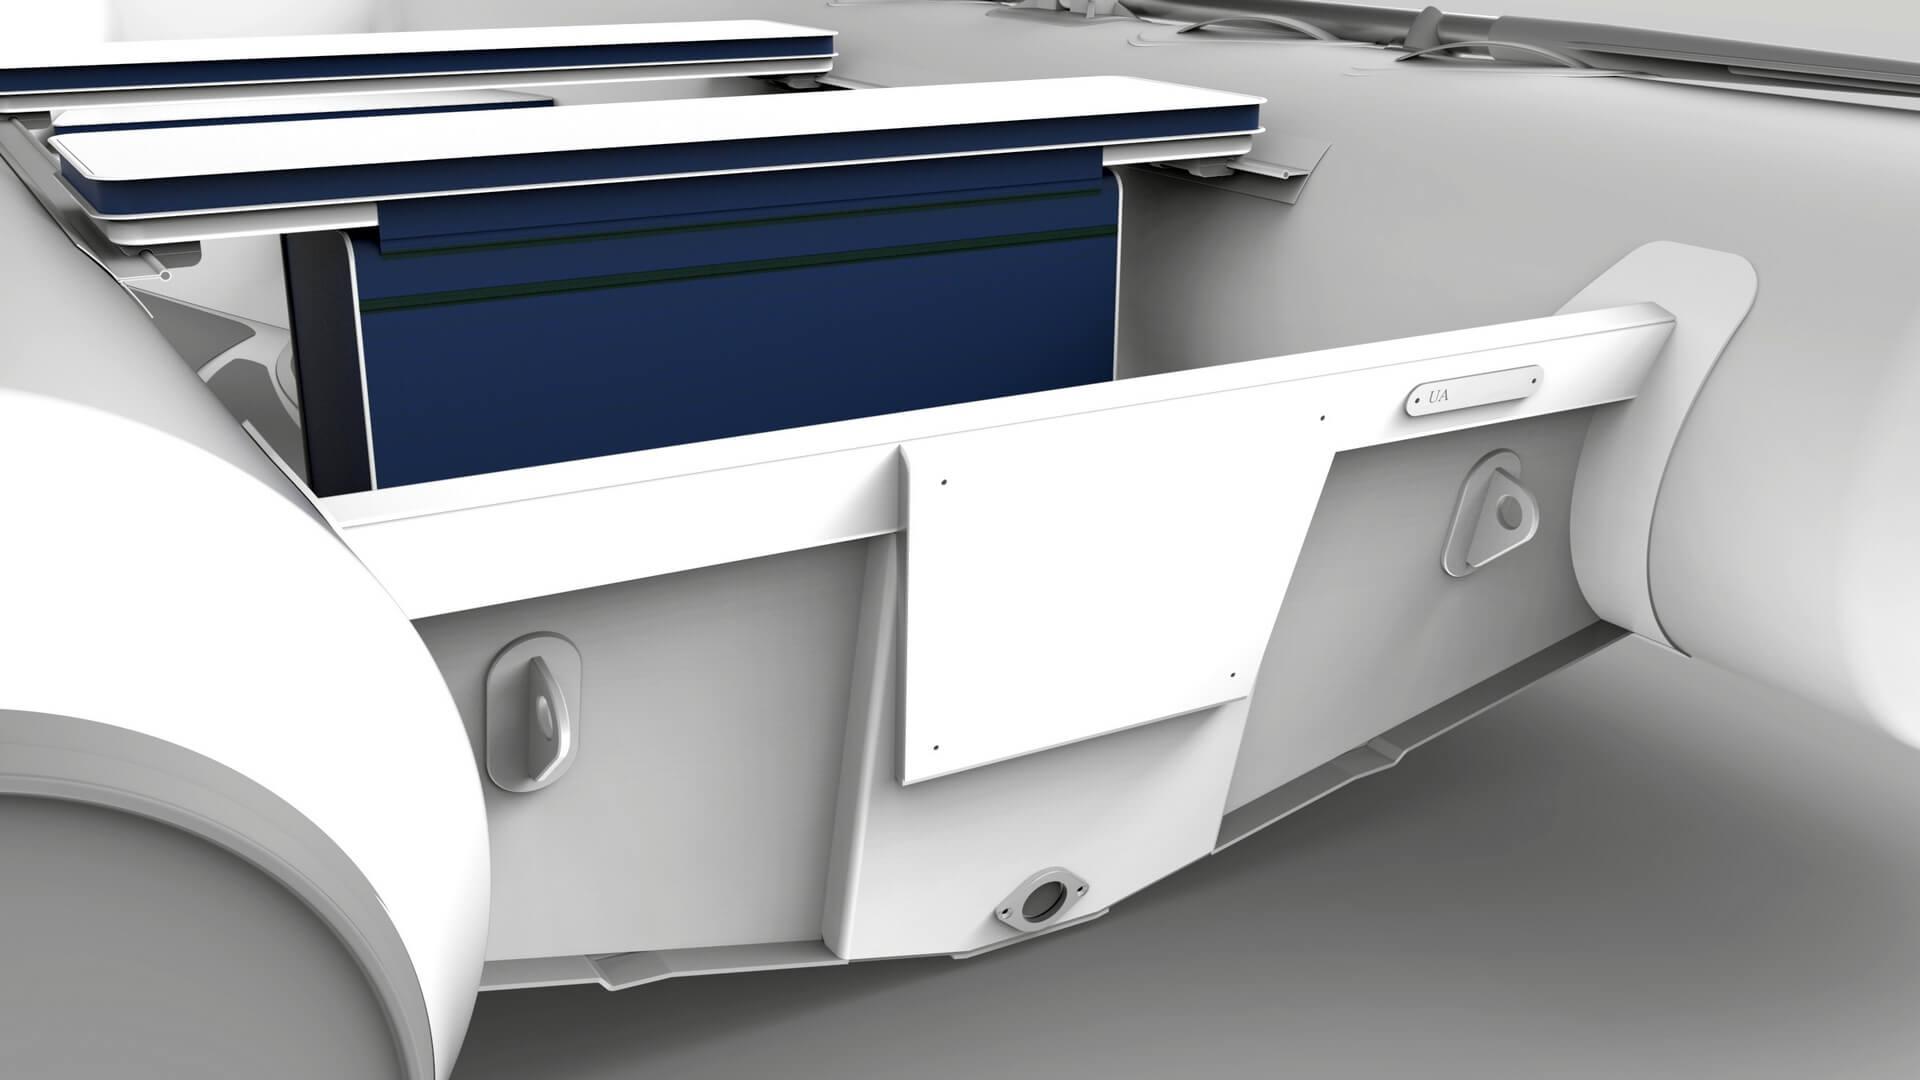 Надувная лодка с жестким алюминиевым дном GRAND Aluminum Line Alu300D, Надувная лодка с жестким алюминиевым дном GRAND Aluminum Line Alu330D, Надувная лодка с жестким алюминиевым дном, GRAND Aluminum Line Alu300D, GRAND Alu300D, GRAND Aluminum Line Alu330D, GRAND Alu330D